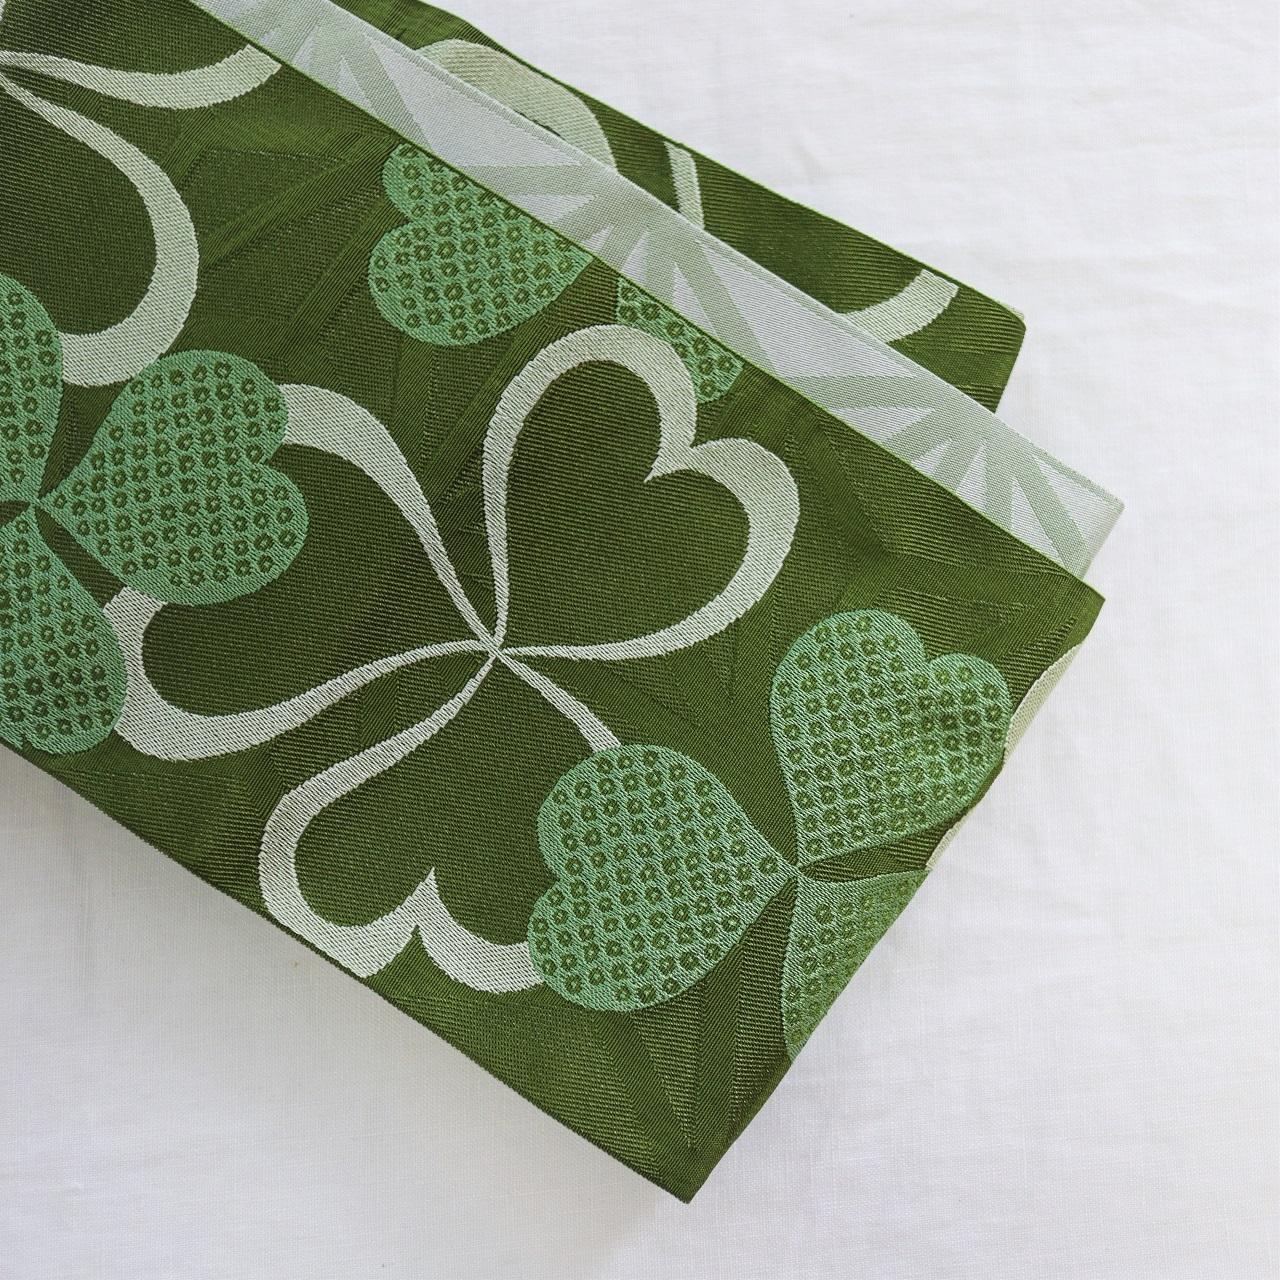 【半巾帯】グリーンのクローバ&シルバーグレーの麻の葉 / リバーシブル 3.6m